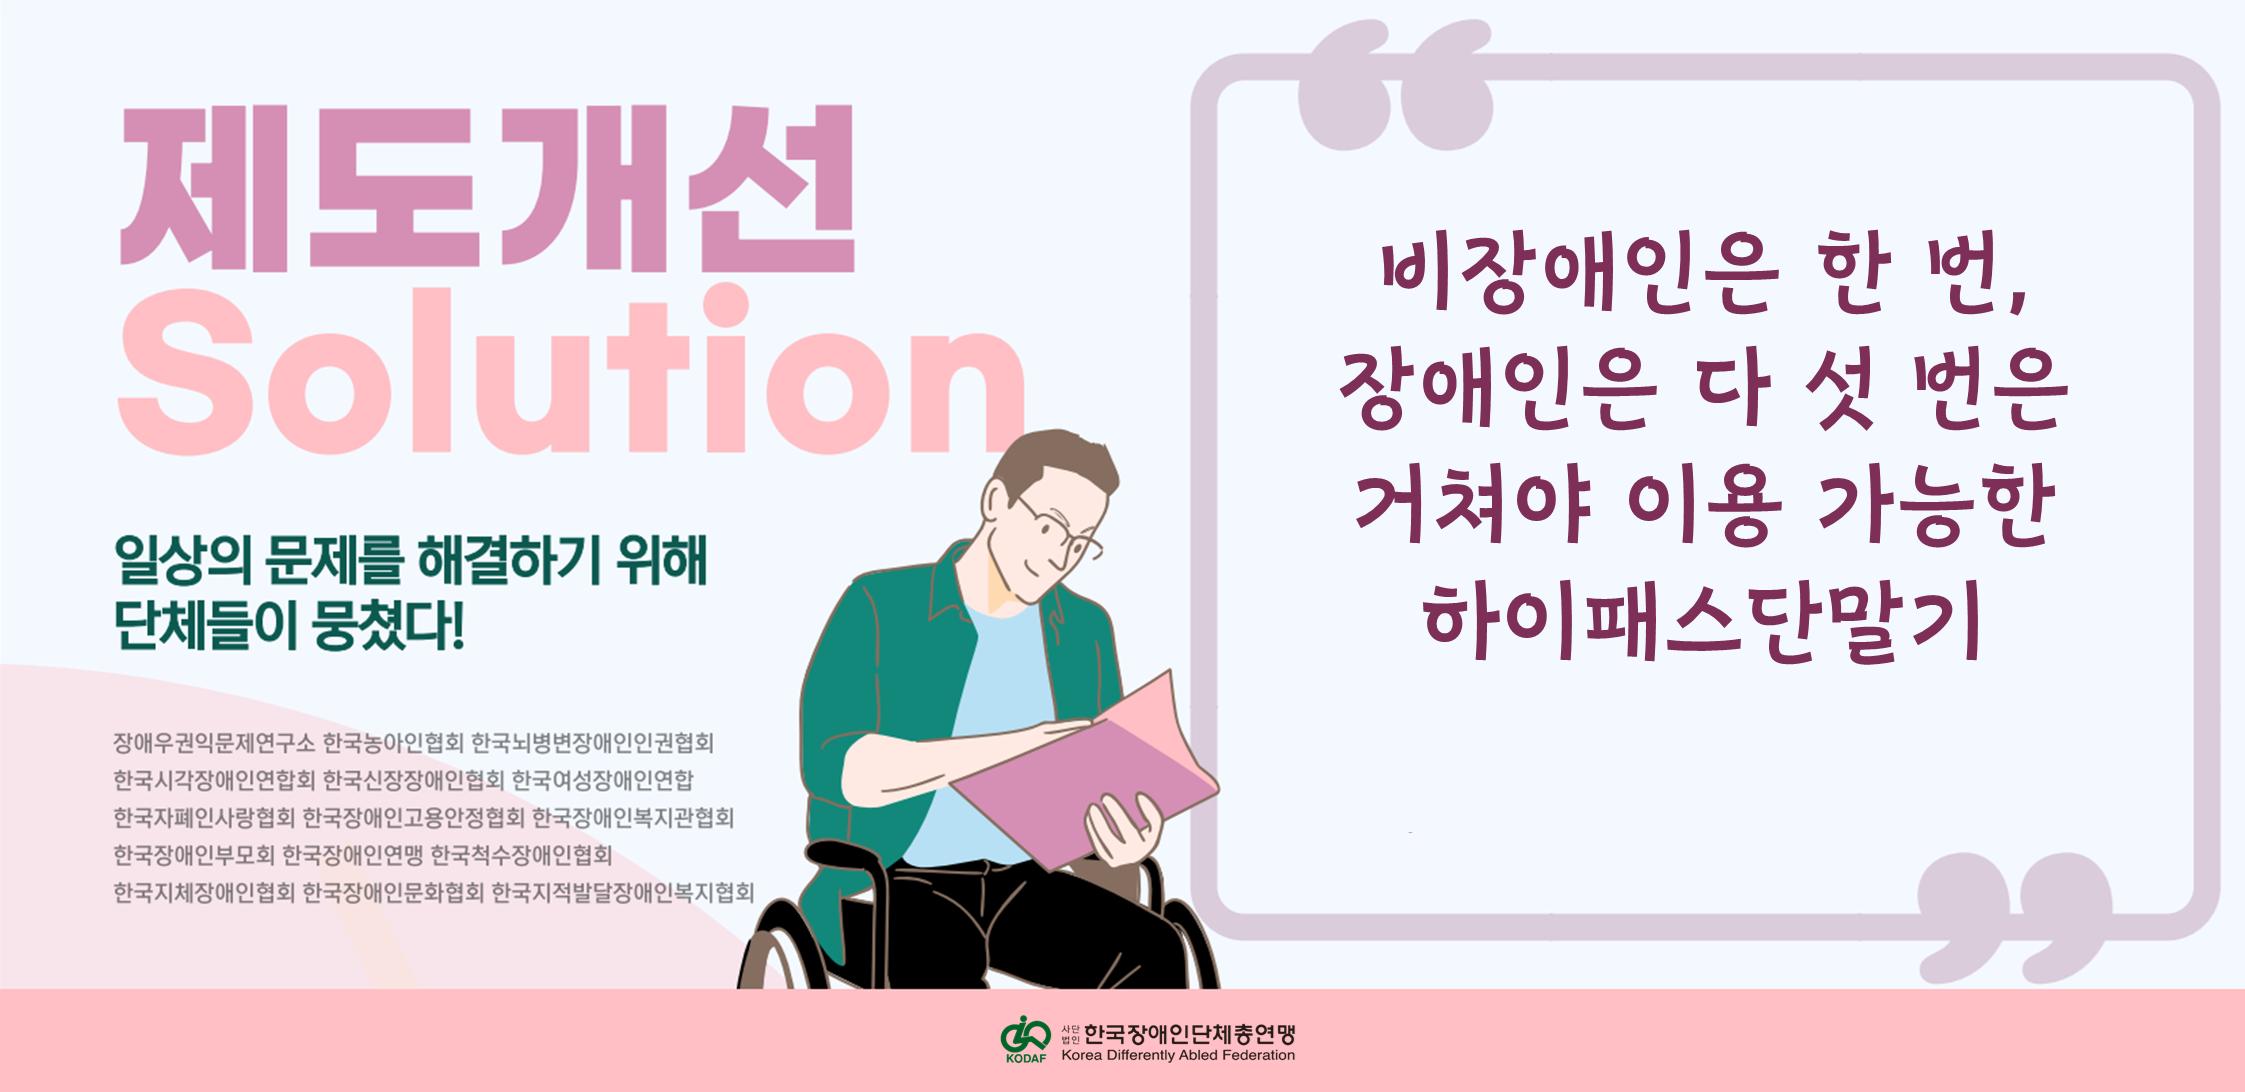 EBS 강좌 '수어 없고 자막 줄어' 청각장애인 학생 학습권 침해!